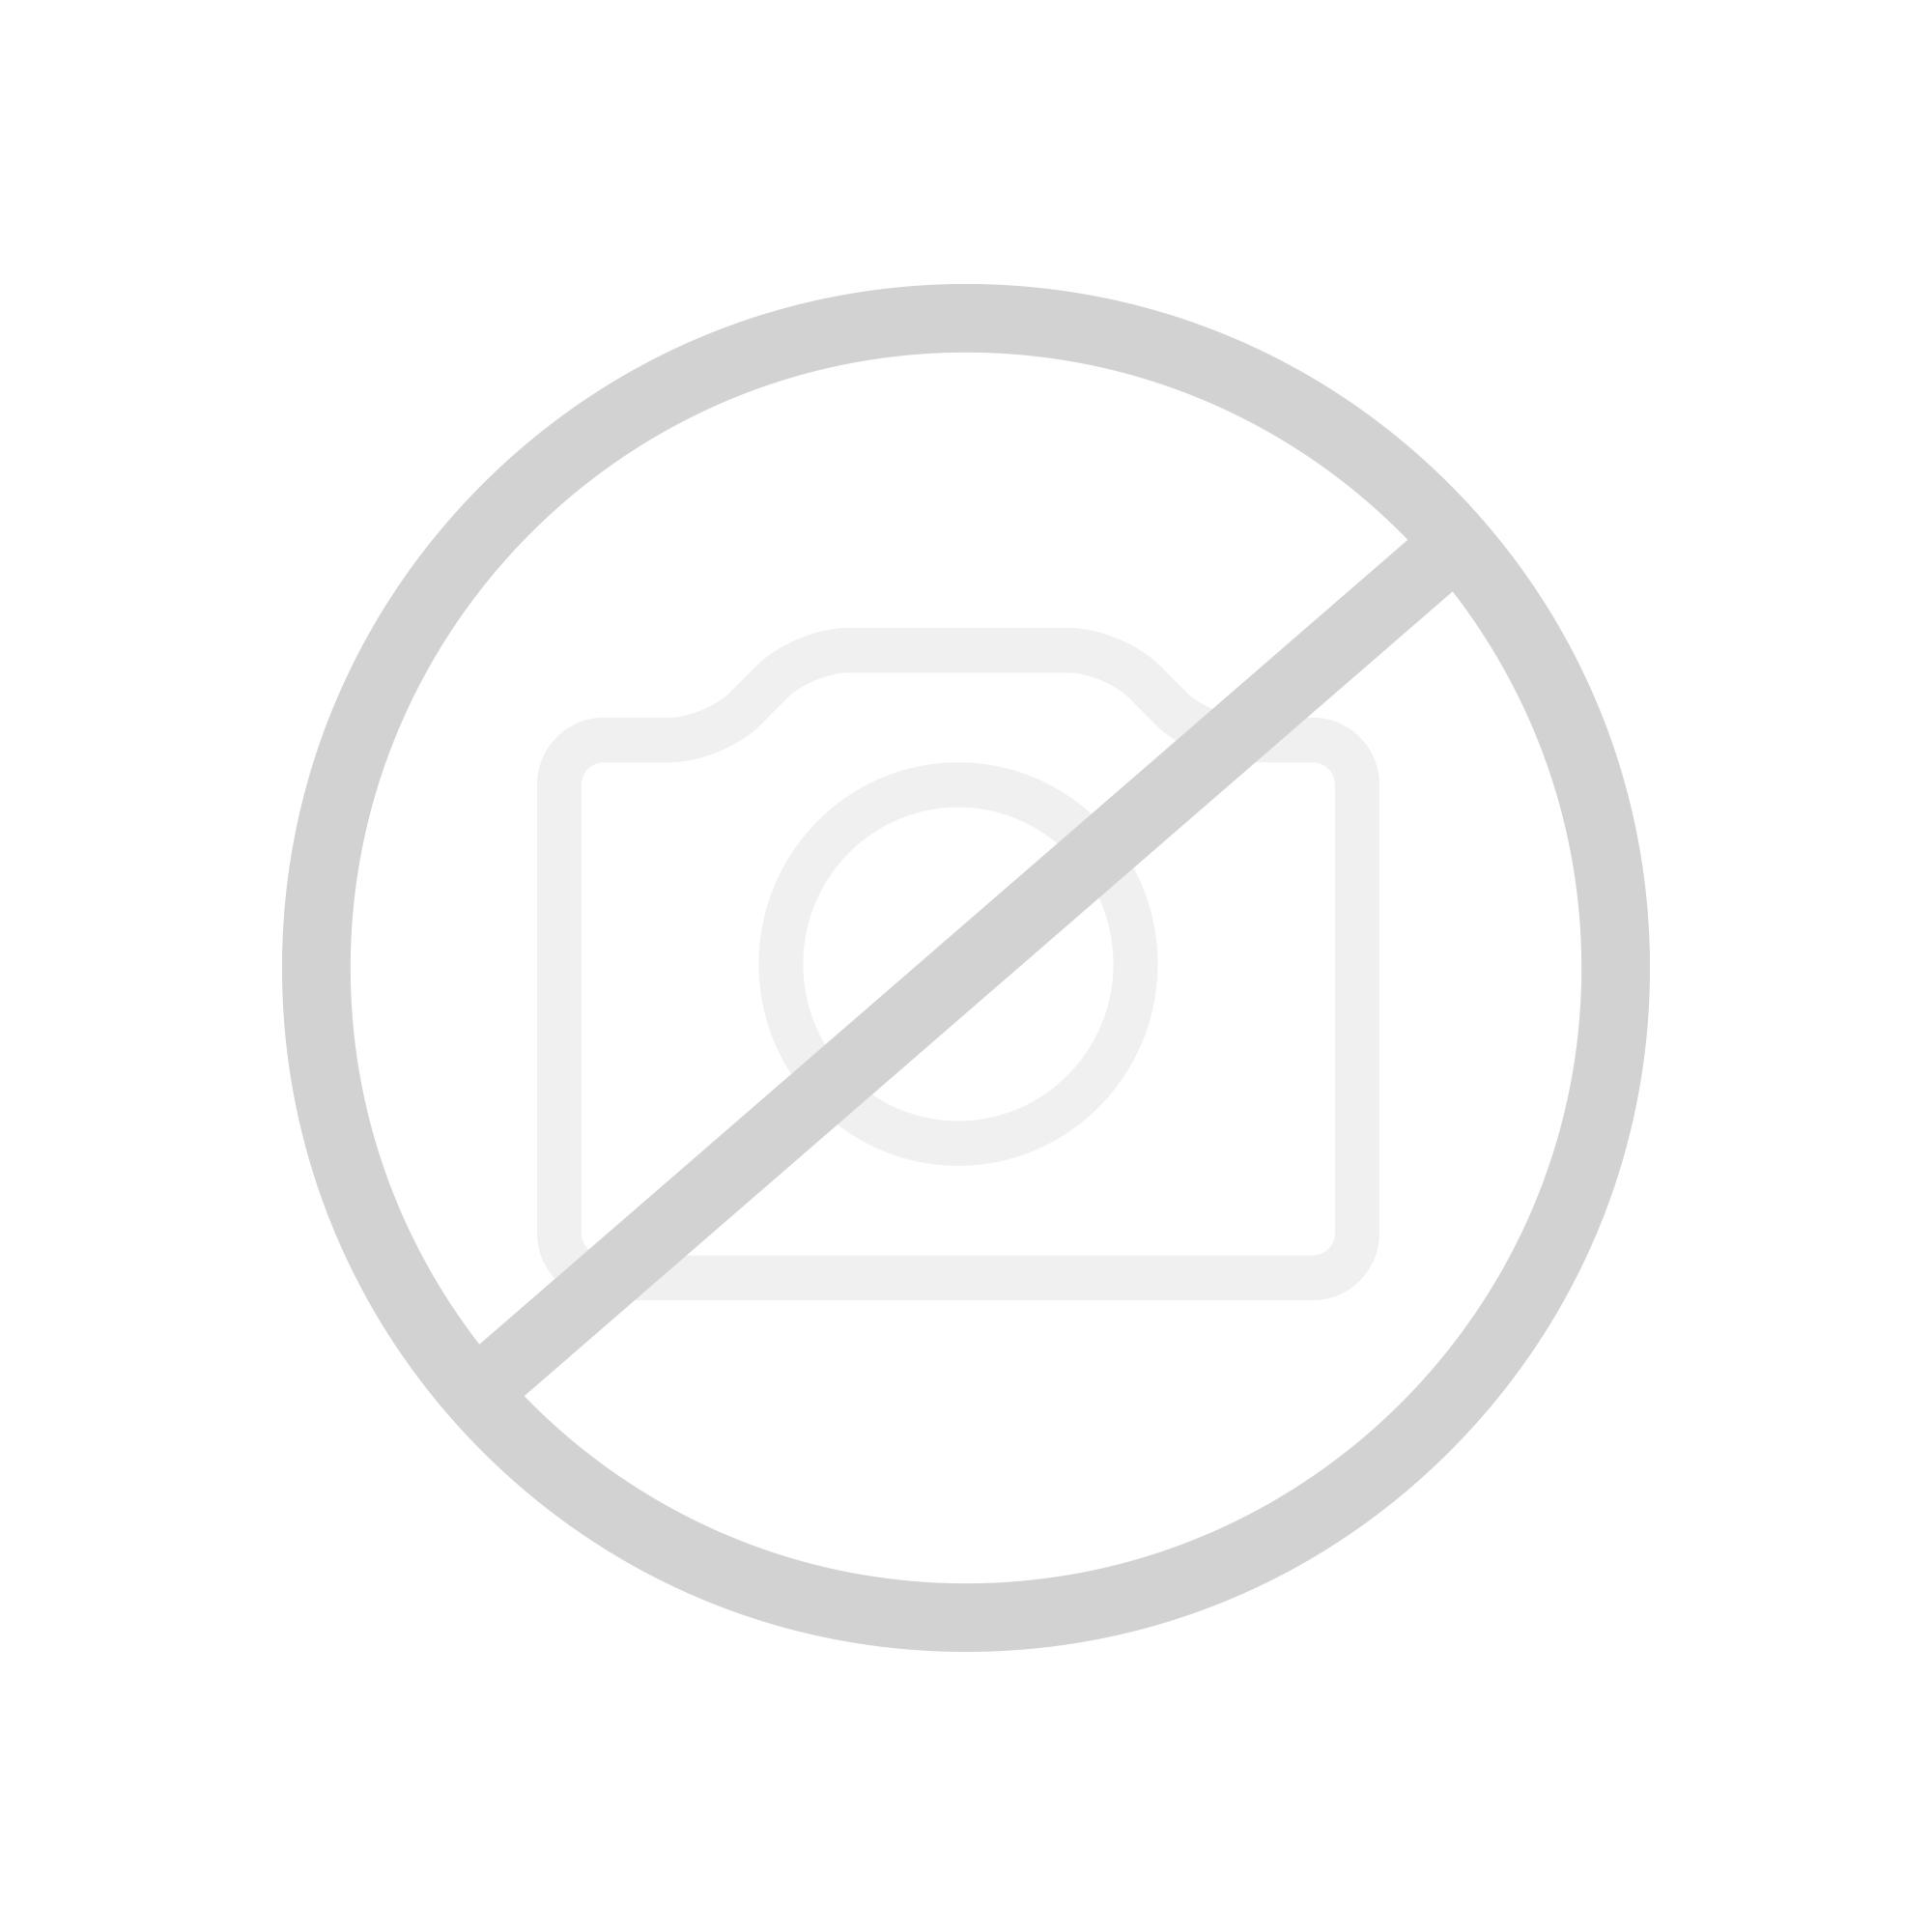 LCD 5003 Wandleuchte